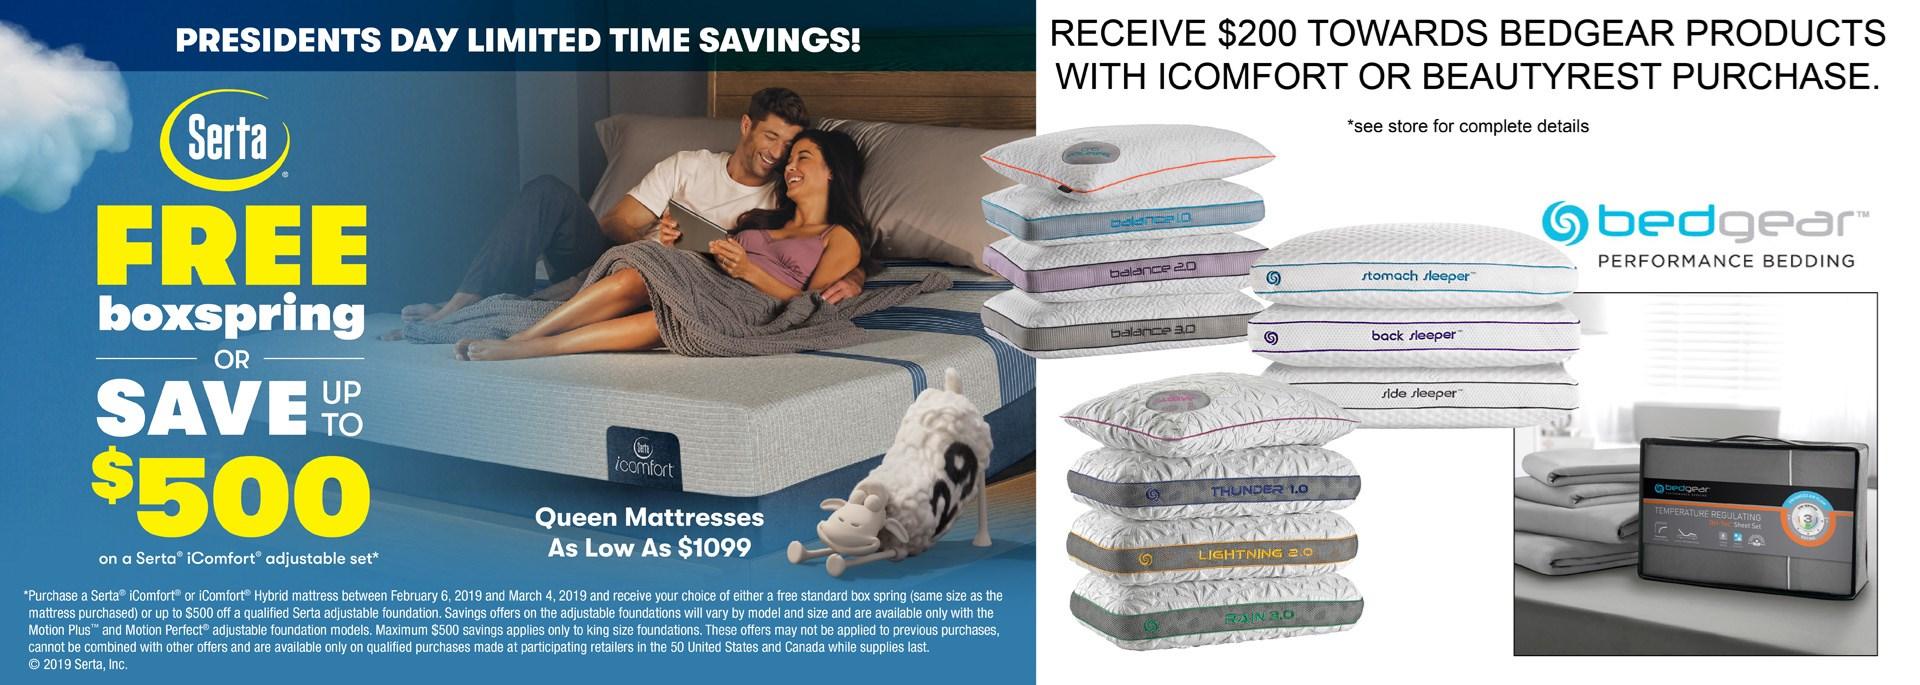 pres. day mattress